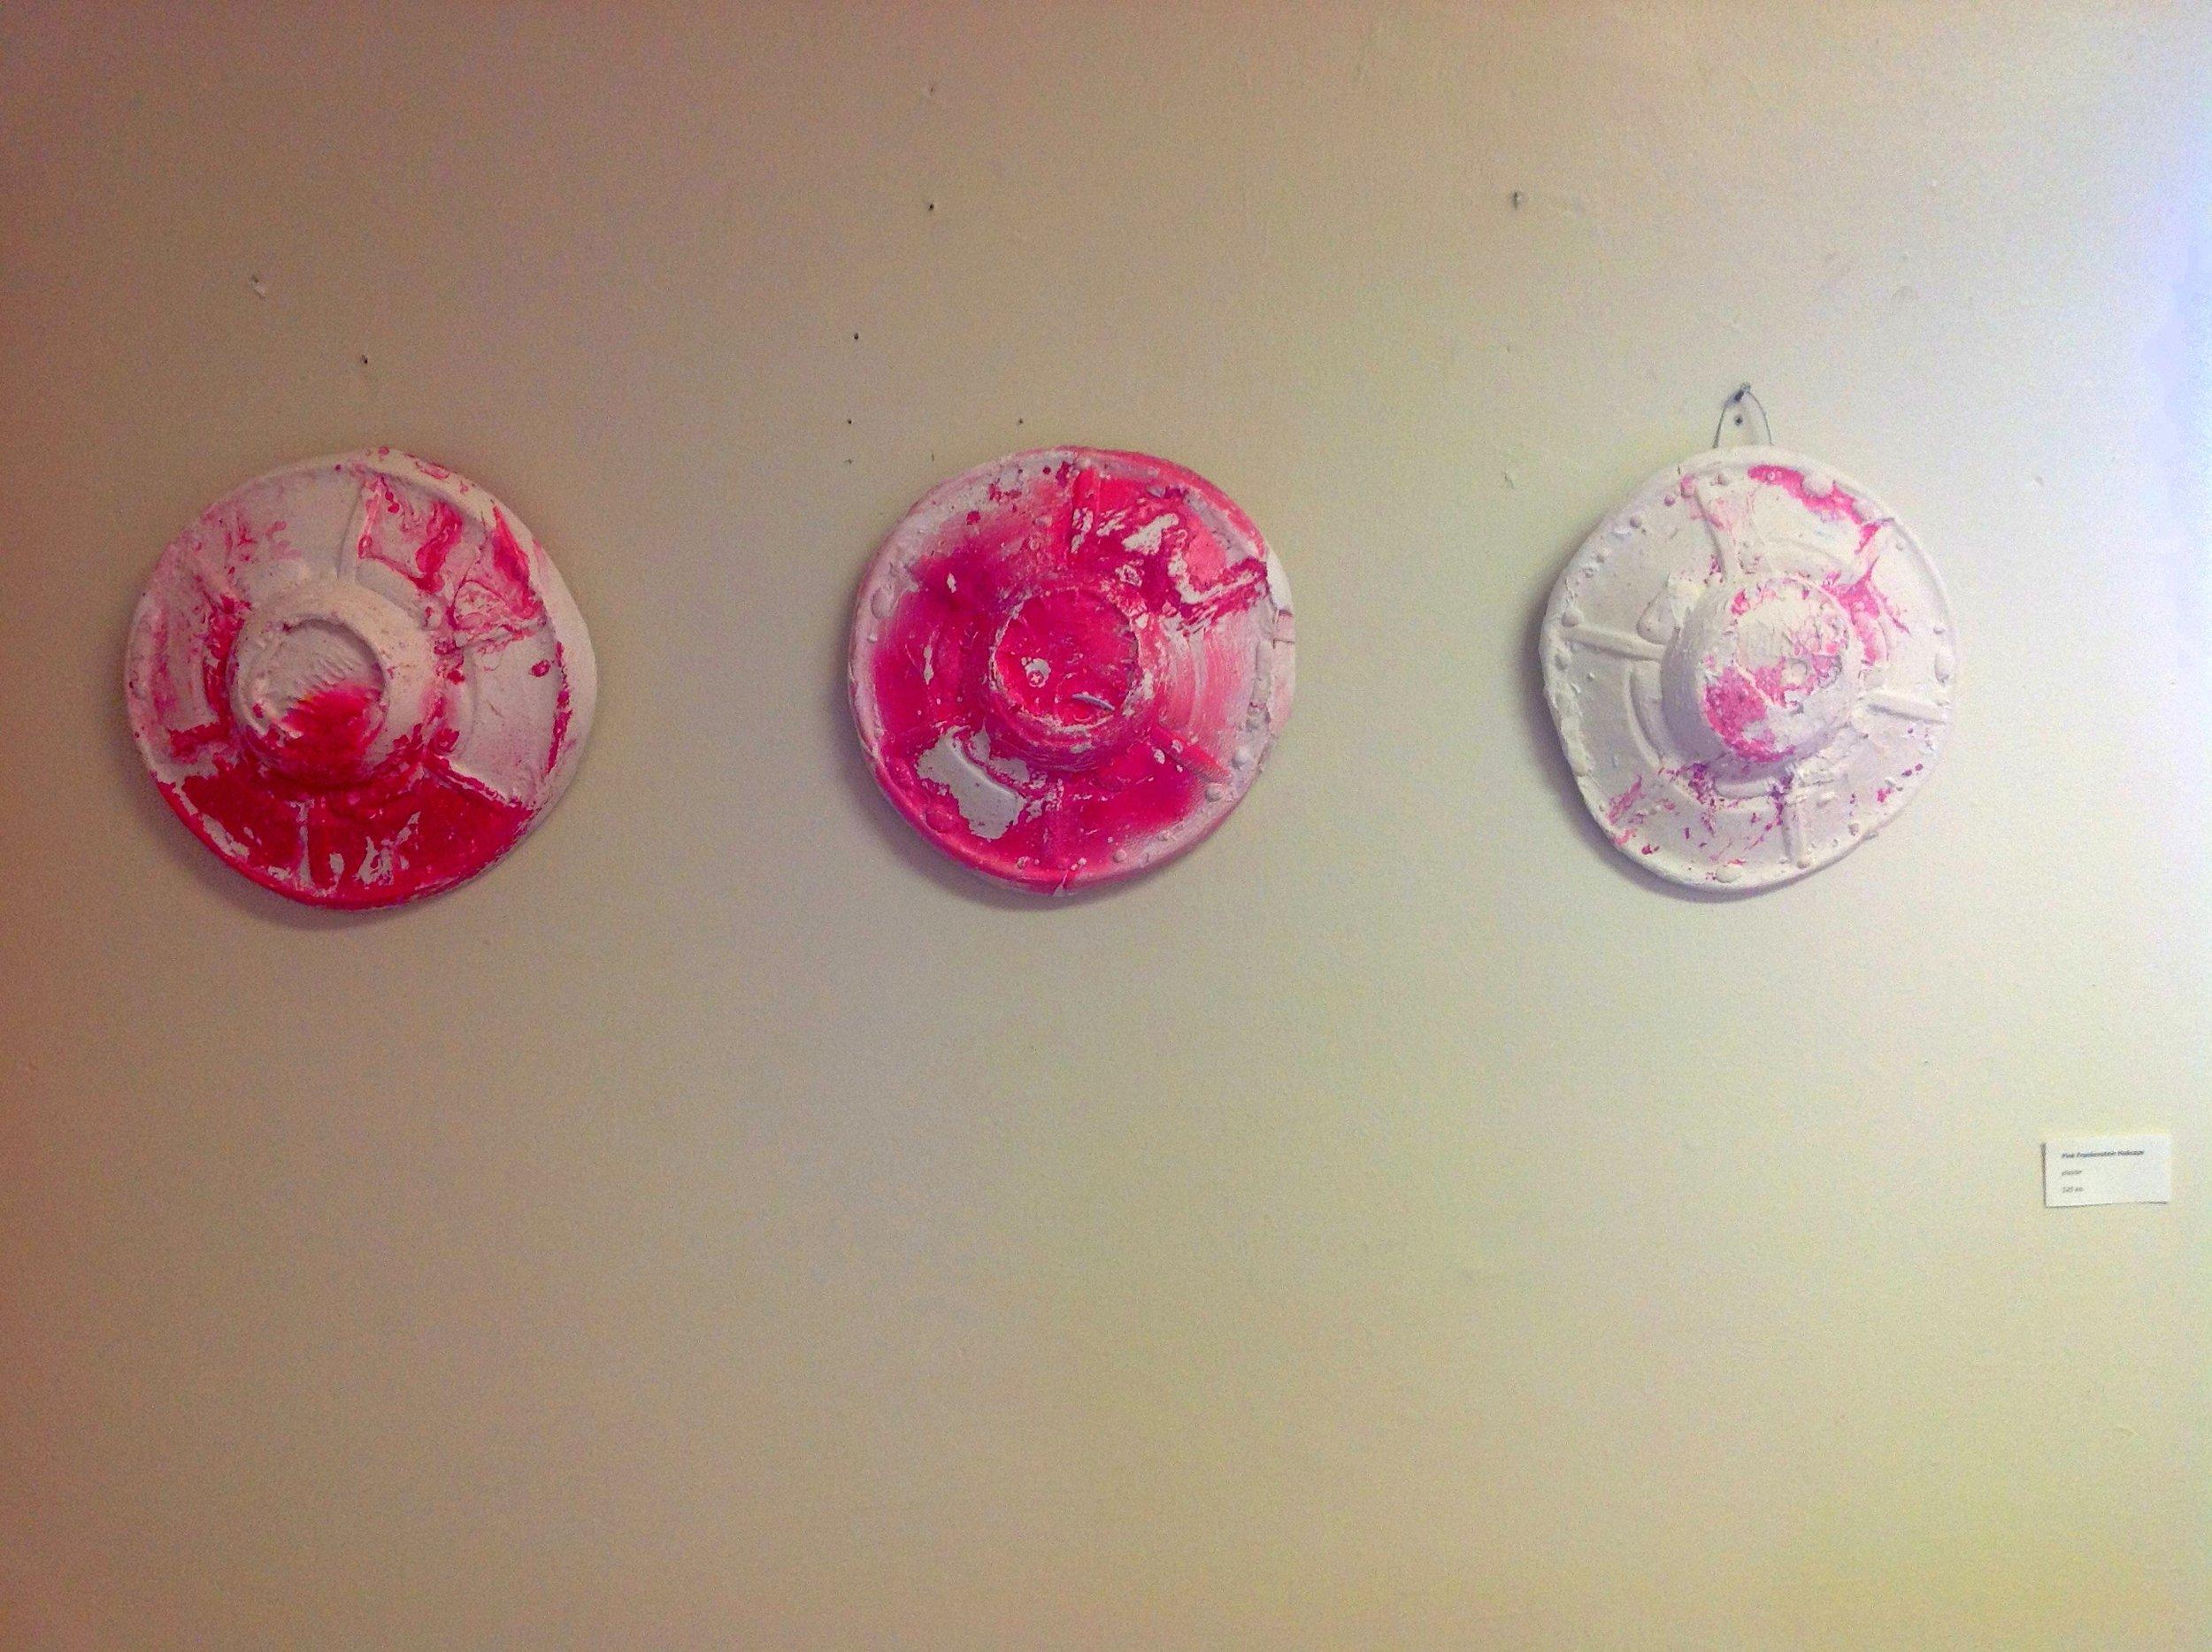 pink frankenstein hubs by Mark Flake.JPG